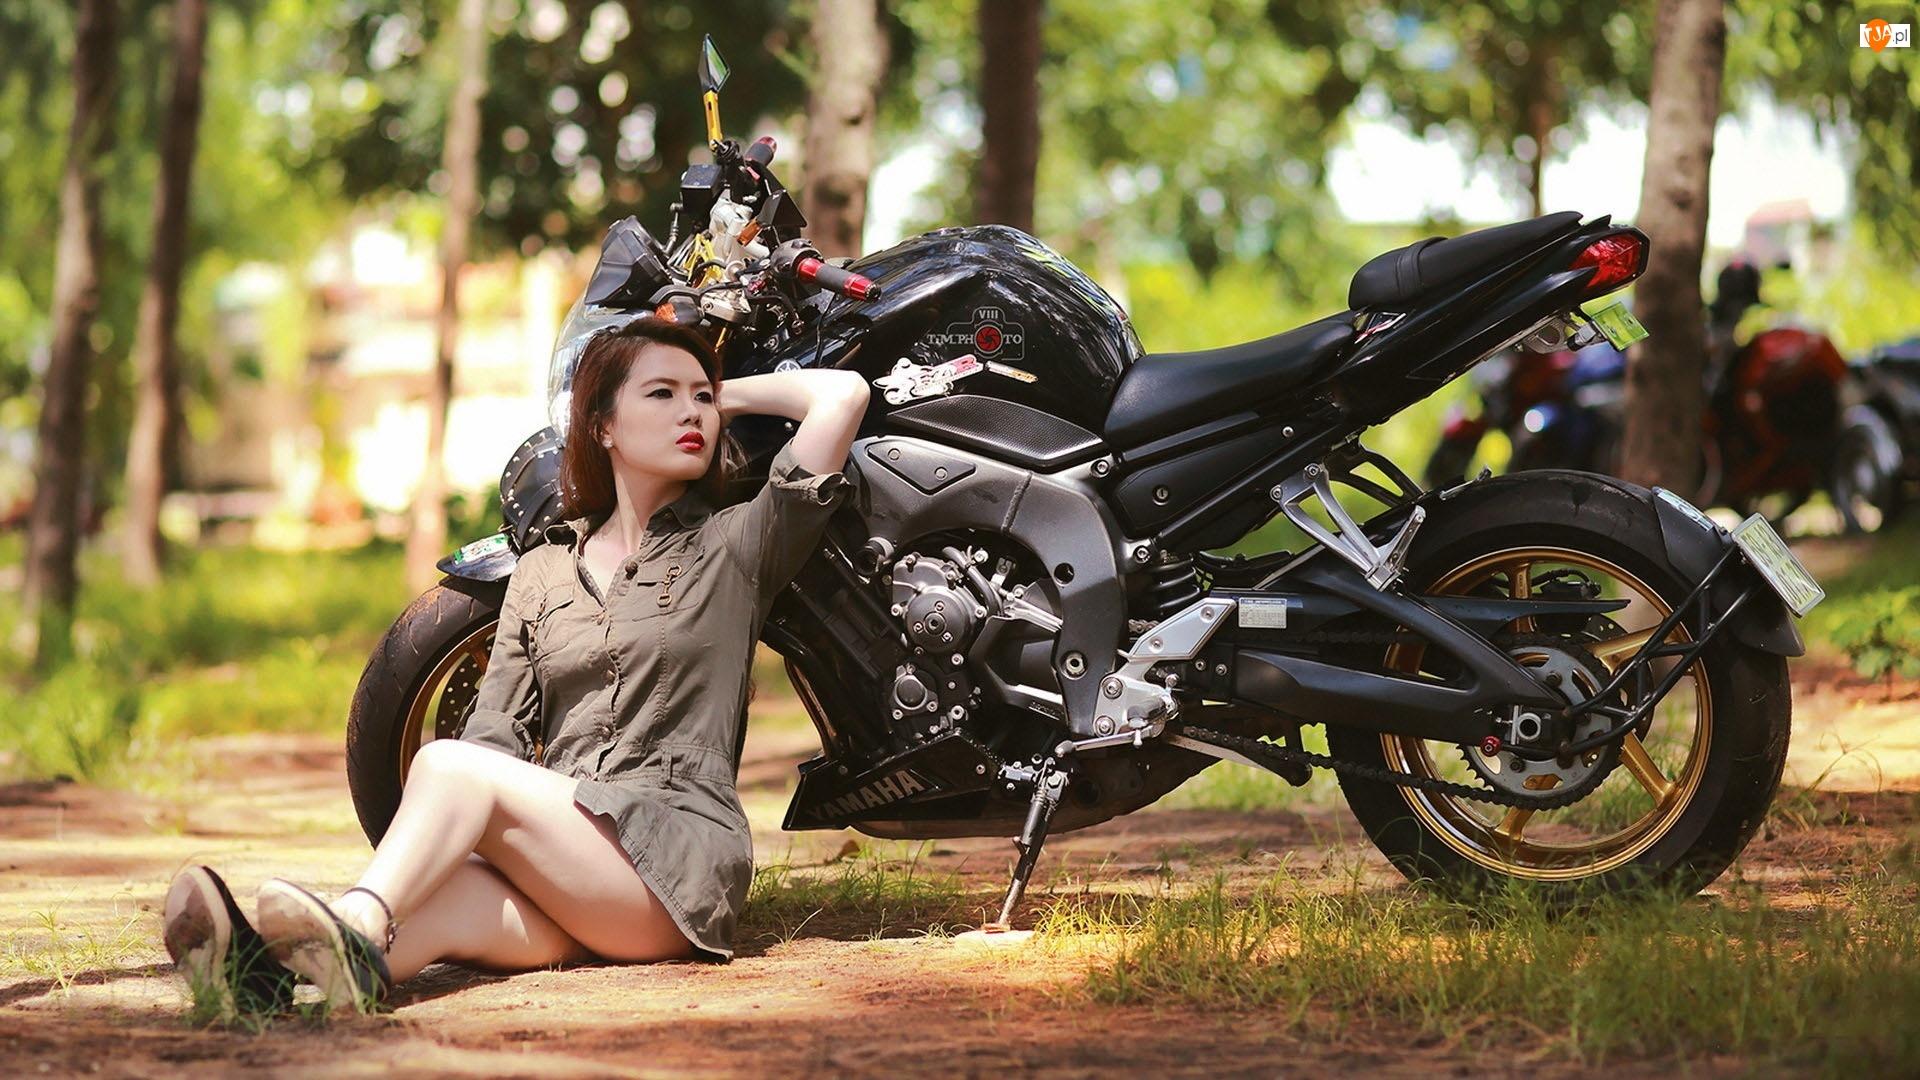 Azjatka, Yamaha, Sportowy, Motor, Kobieta